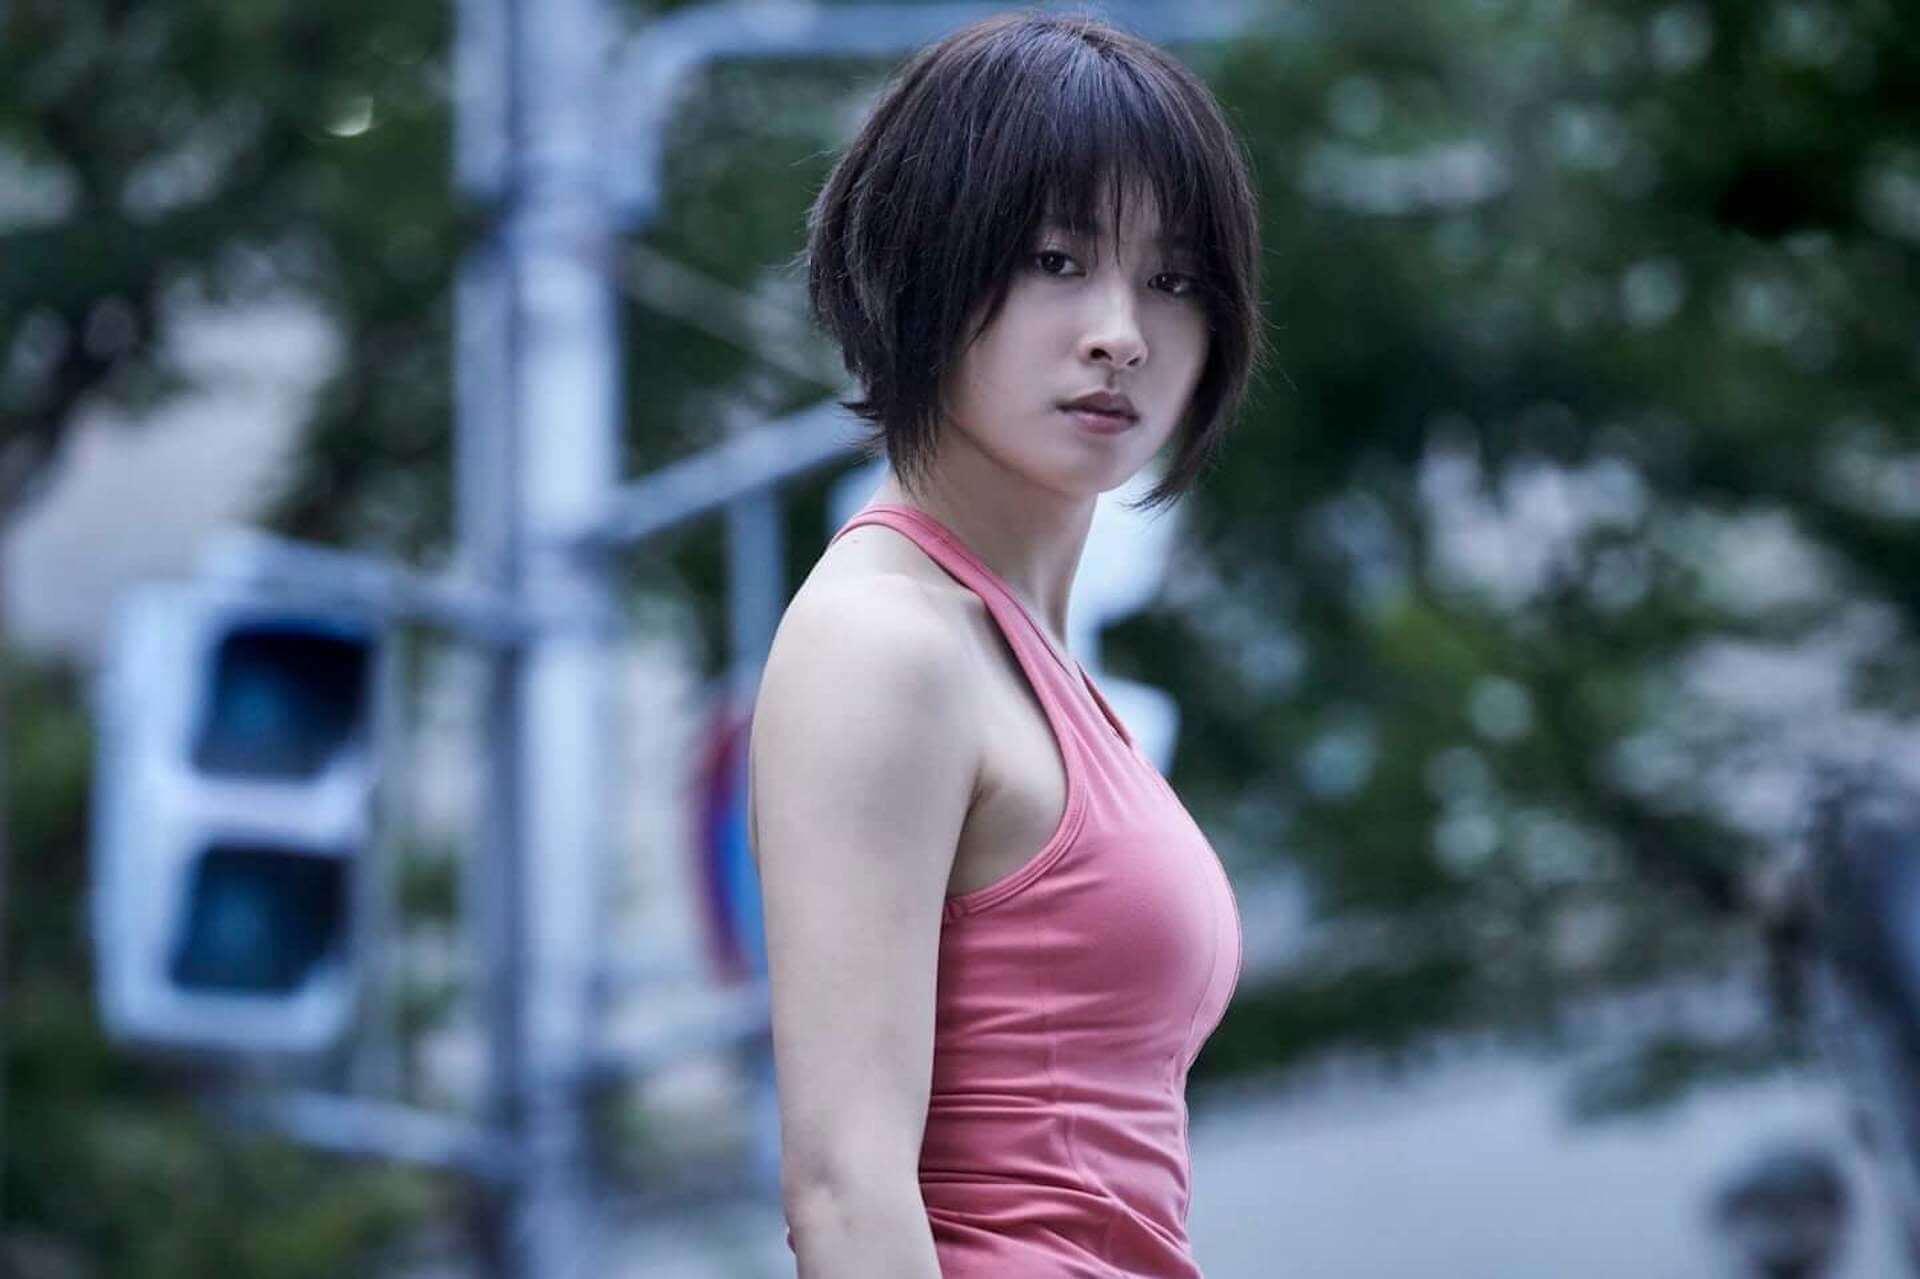 山﨑賢人演じるアリスが「おにごっこ」で遭遇した人物とは…Netflixオリジナルシリーズ『今際の国のアリス』本編映像が解禁 art201125_netflix-alice_7-1920x1279